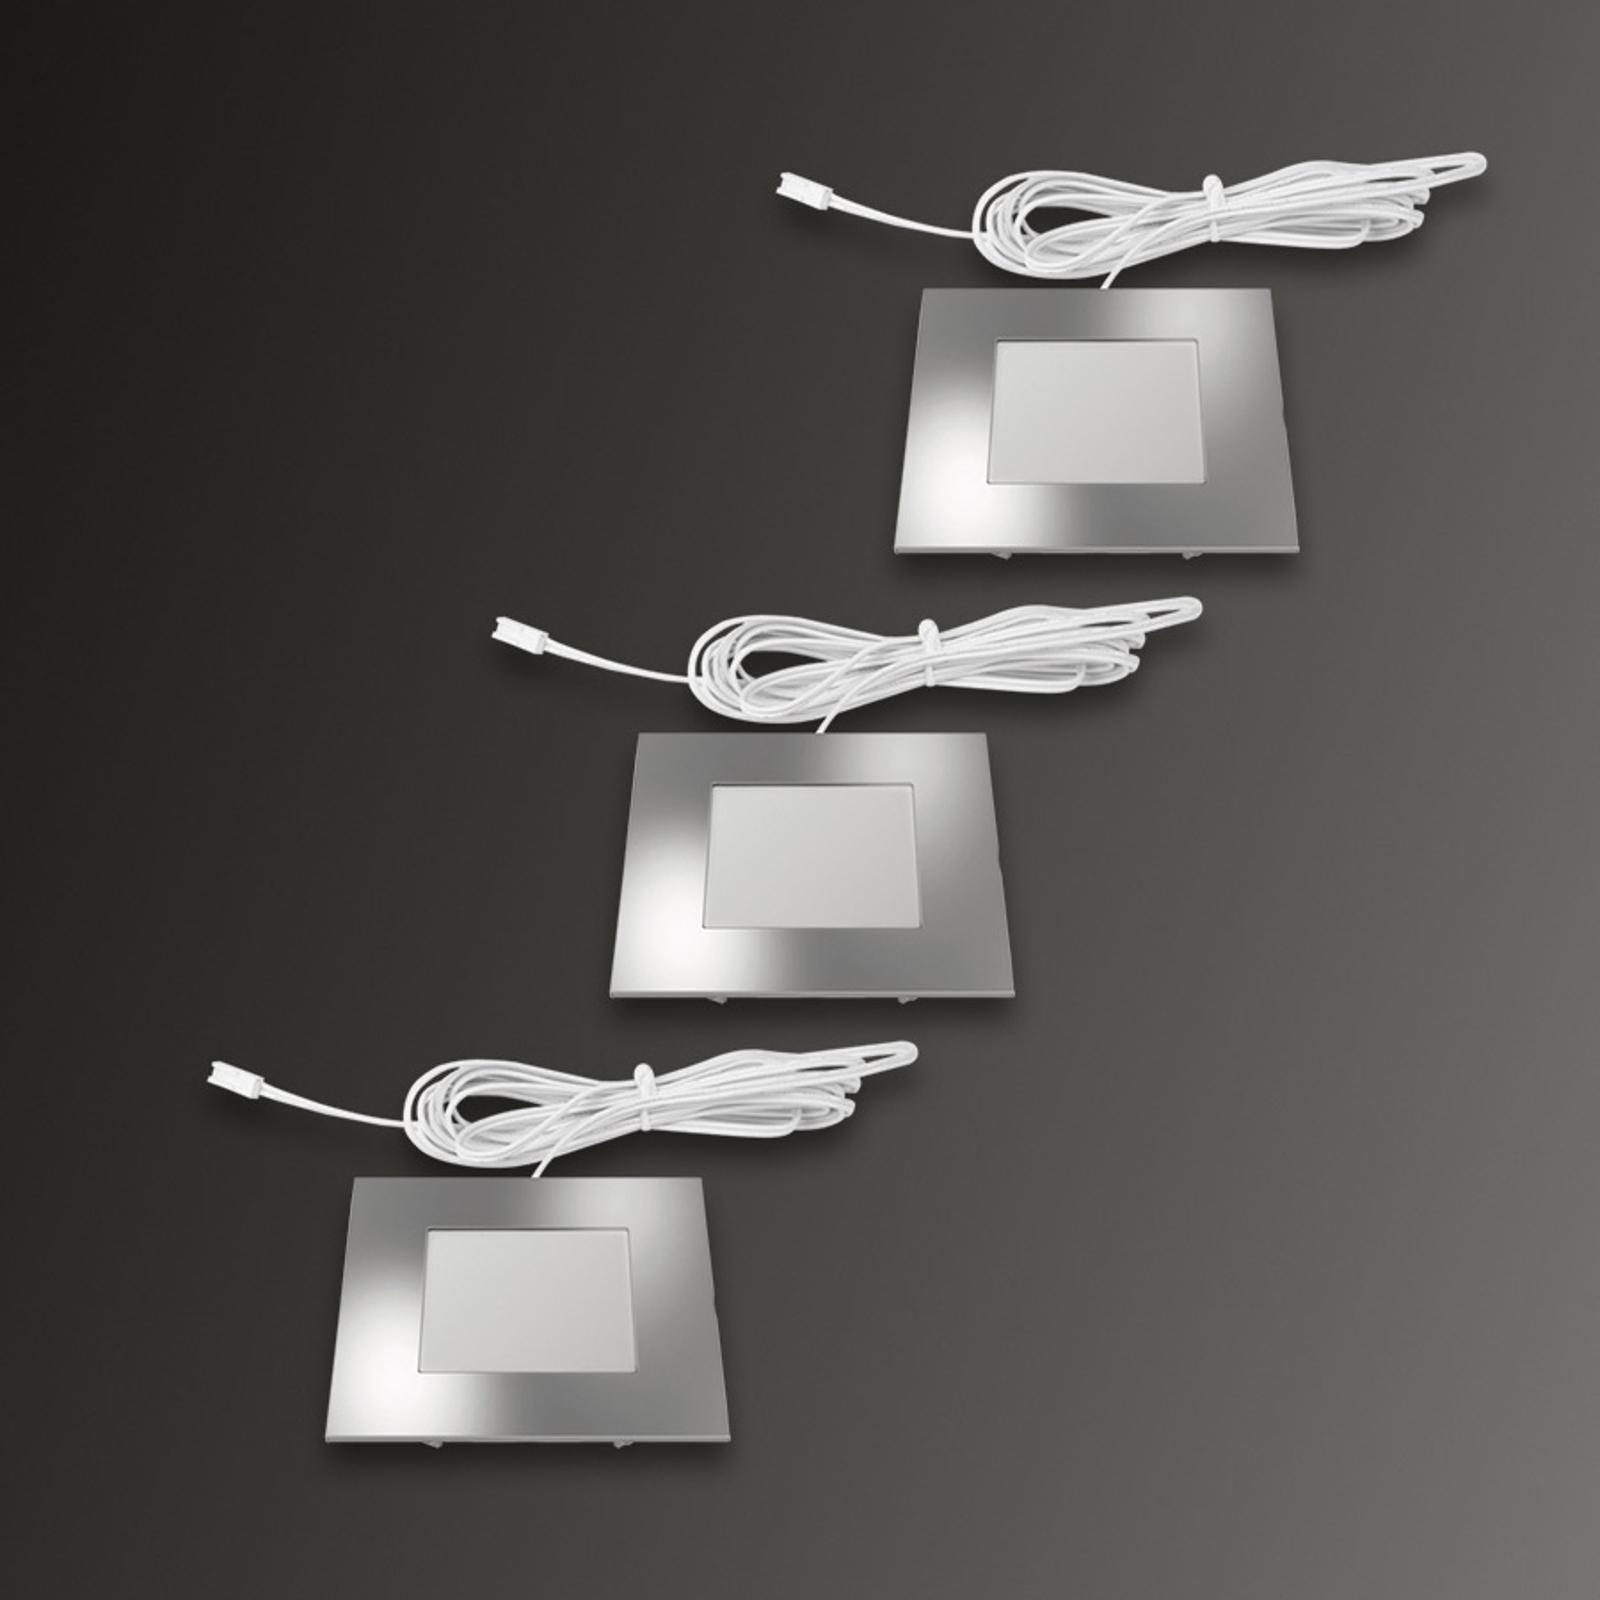 Lampe encastrée carrée FQ 68-LED par 3 blanc chaud